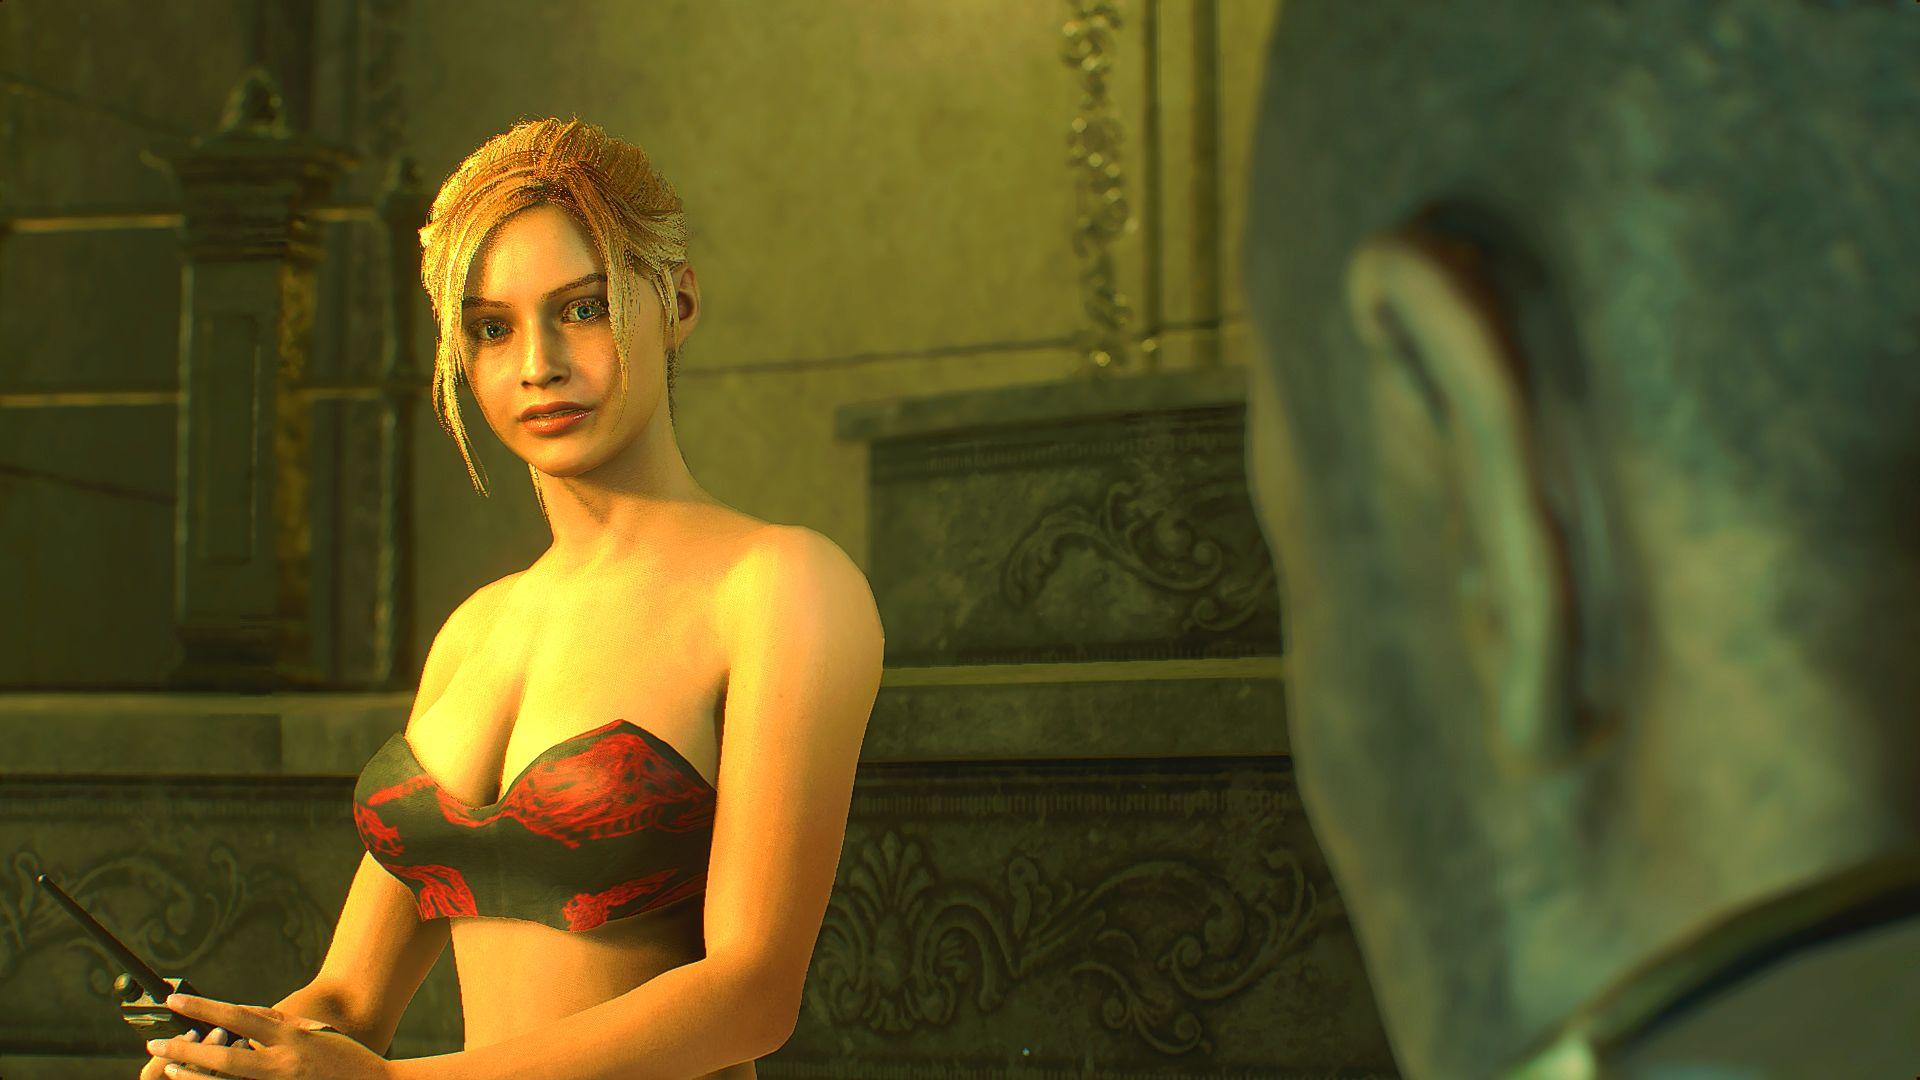 001187.Jpg - Resident Evil 2